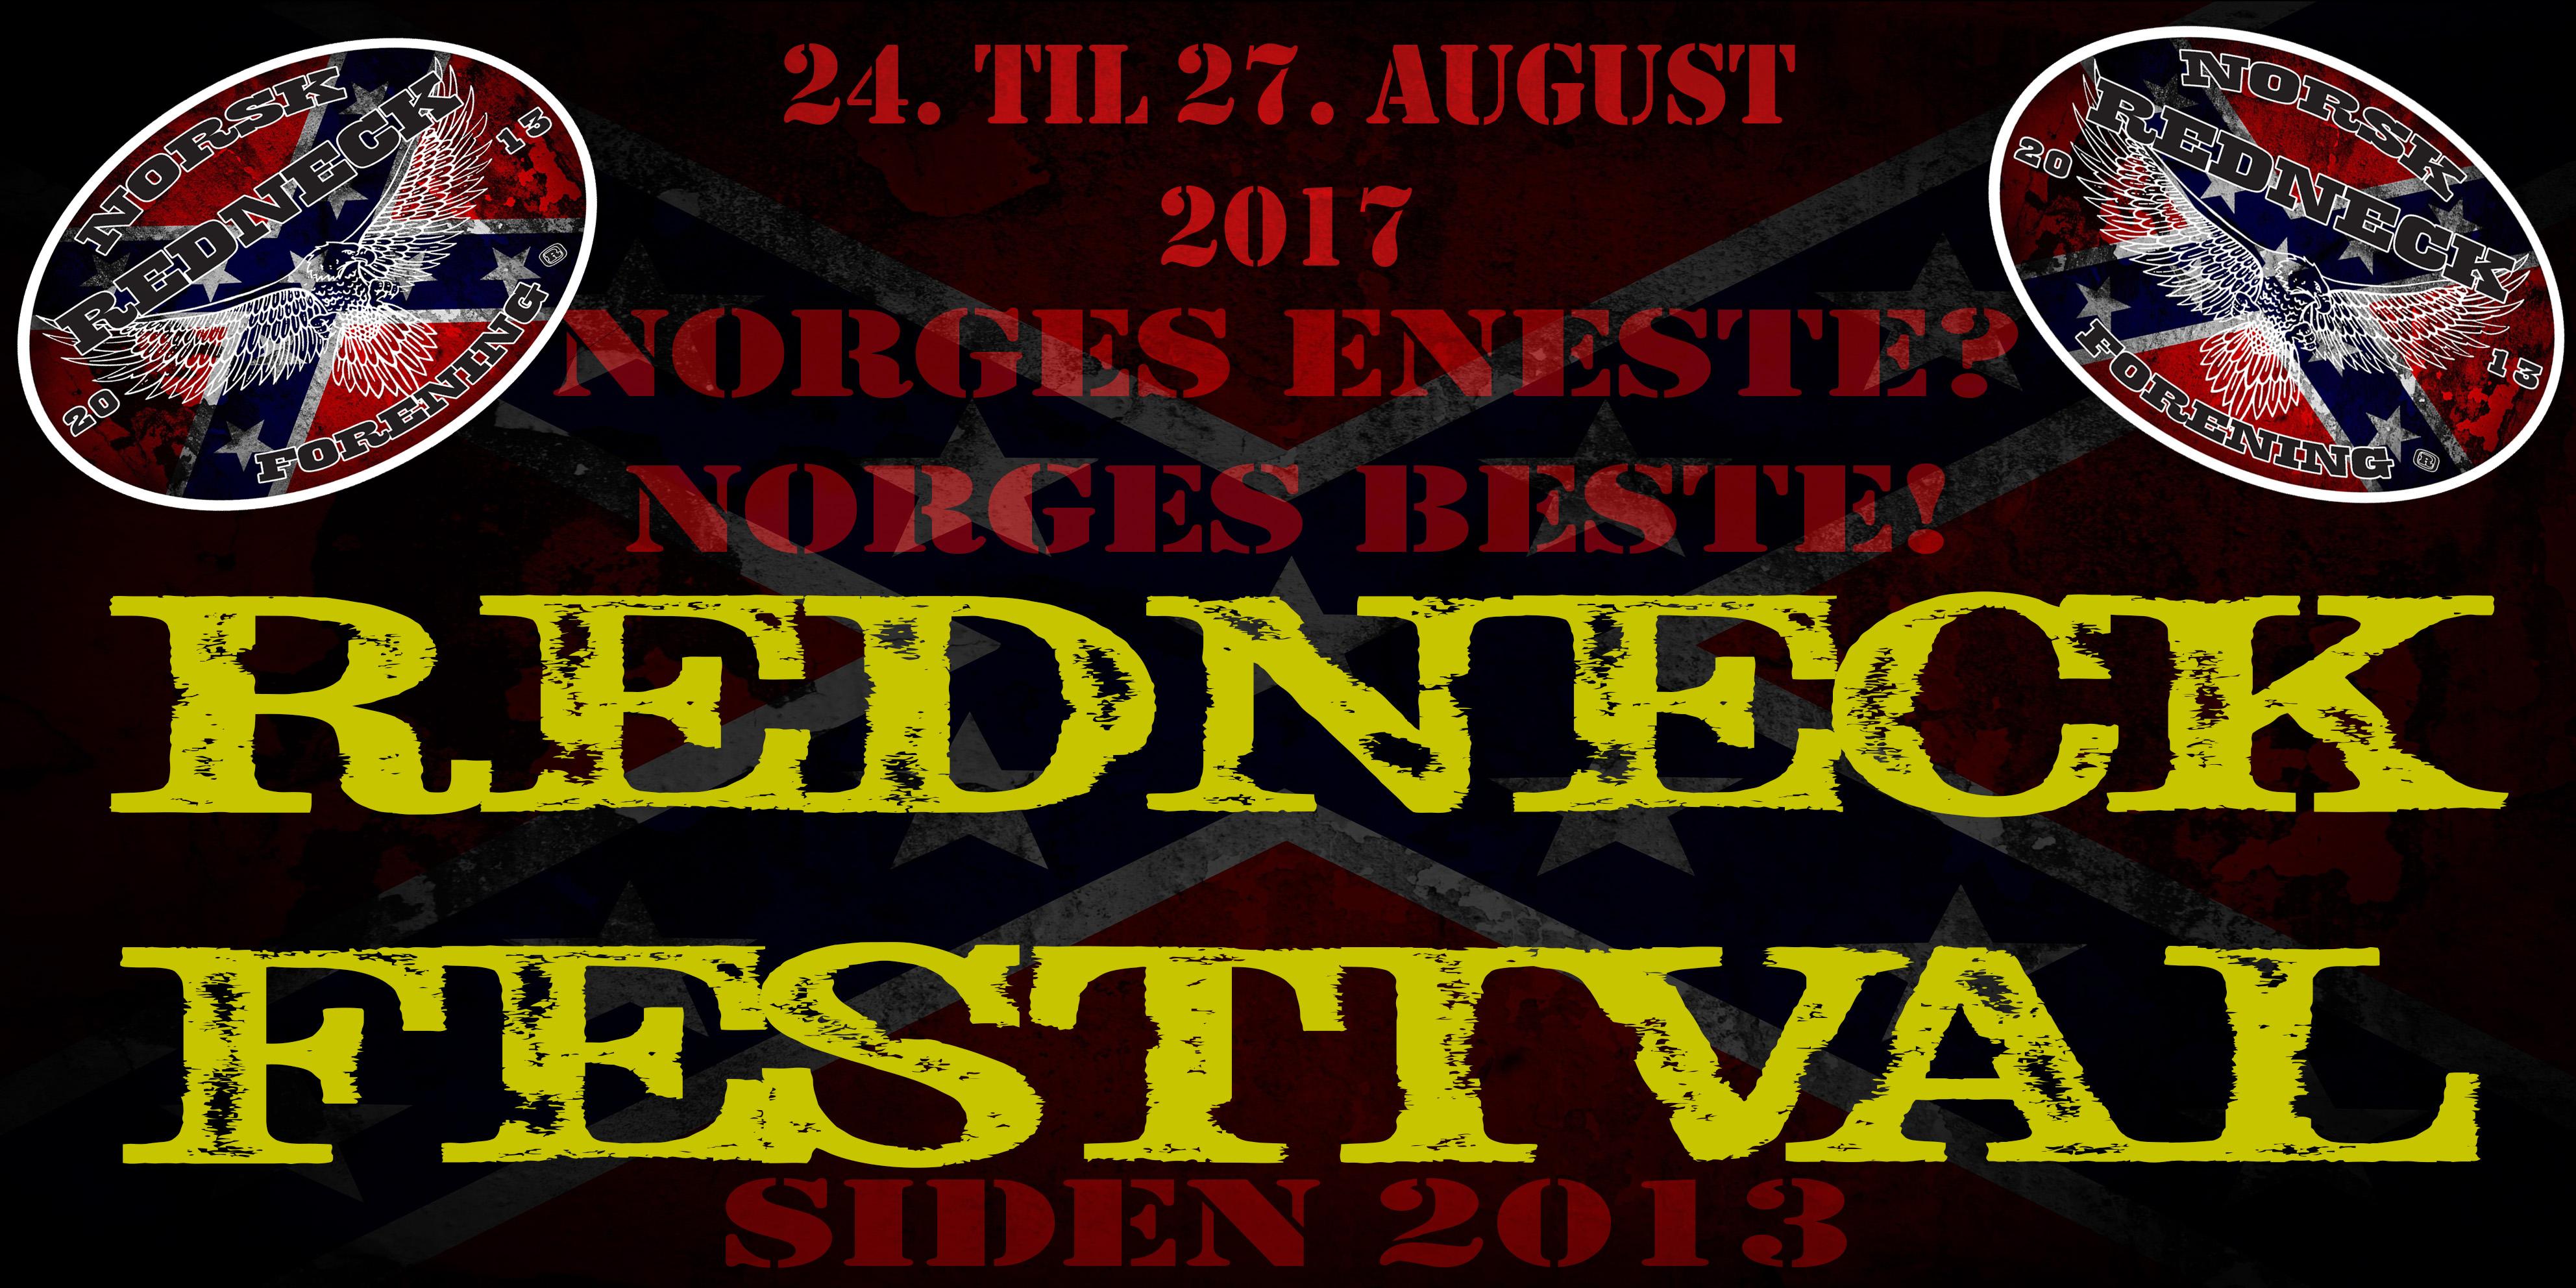 banner fb festival